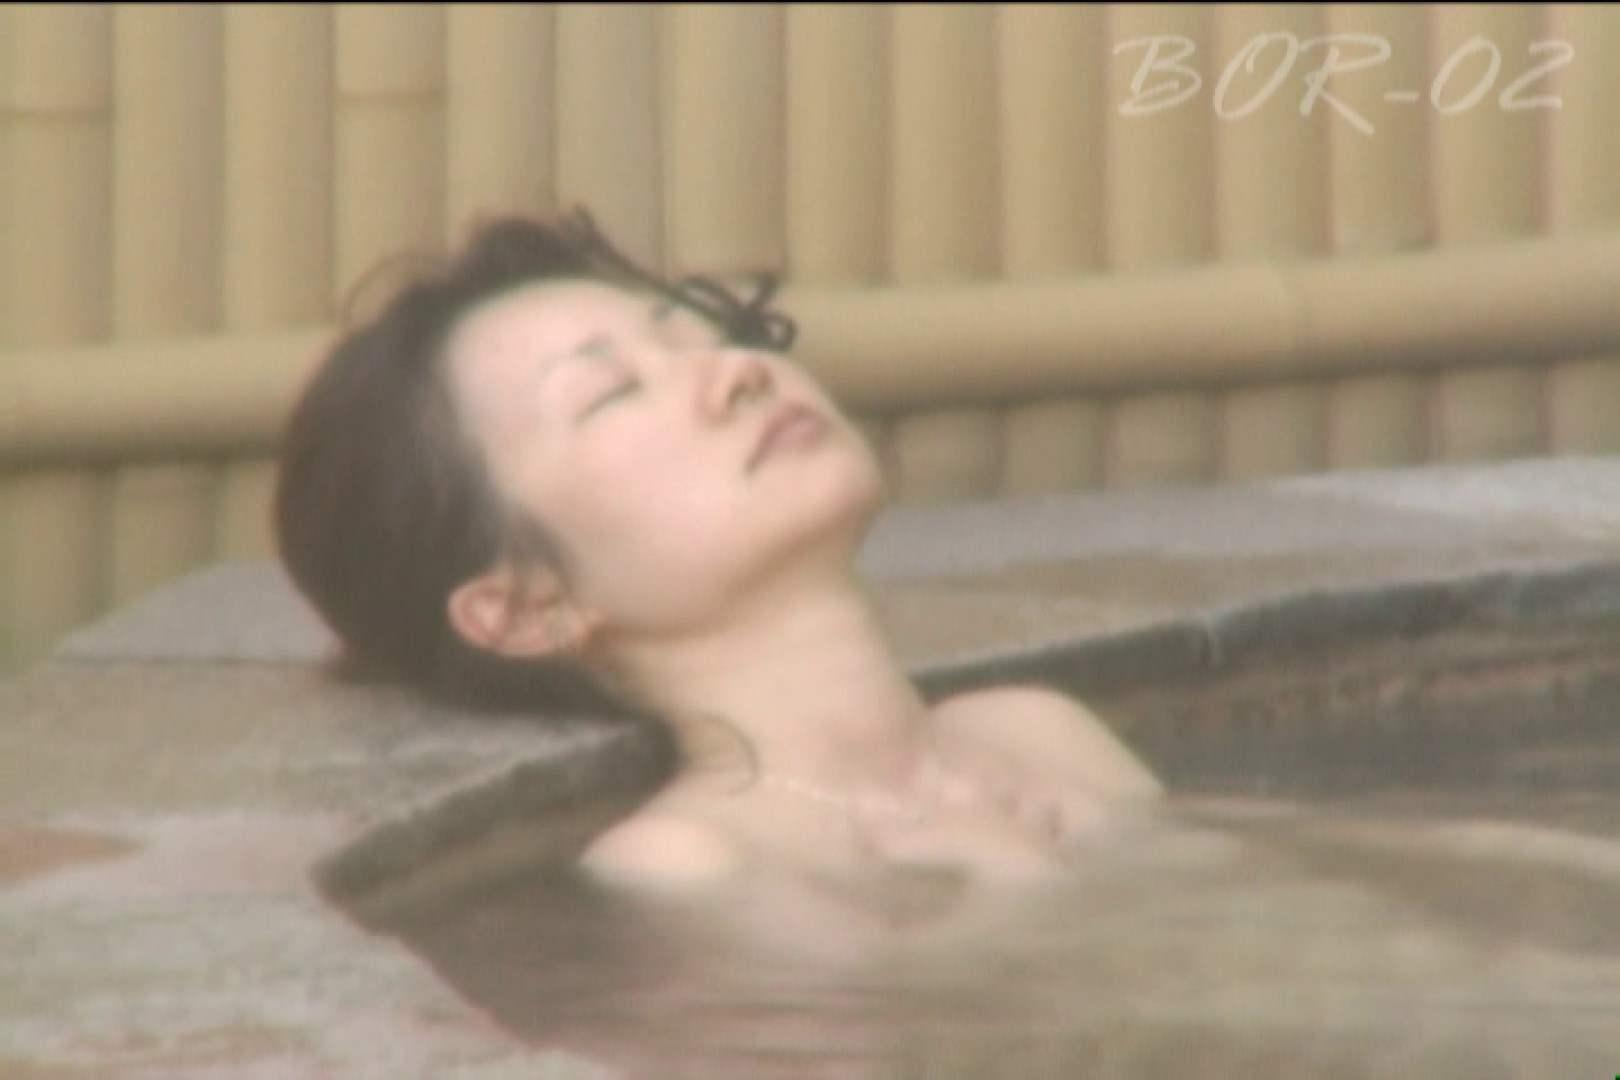 Aquaな露天風呂Vol.477 盗撮  99PICs 48